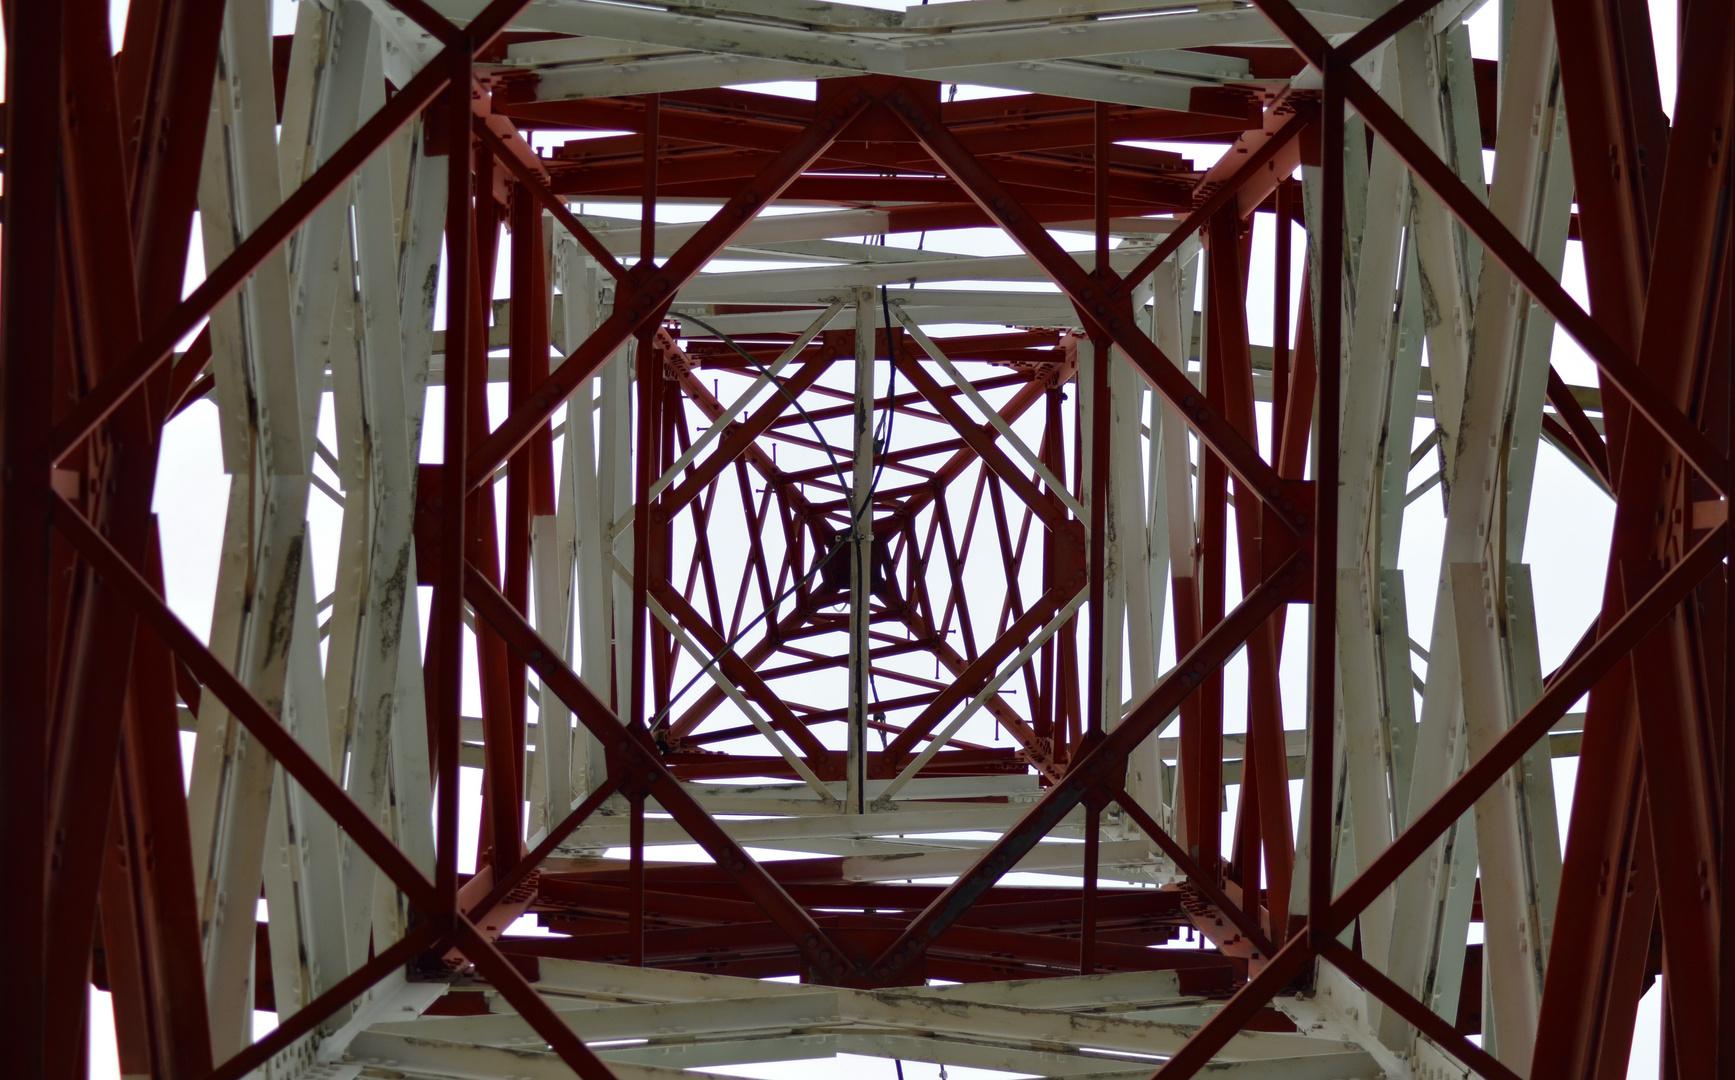 Strommast - Innenansicht